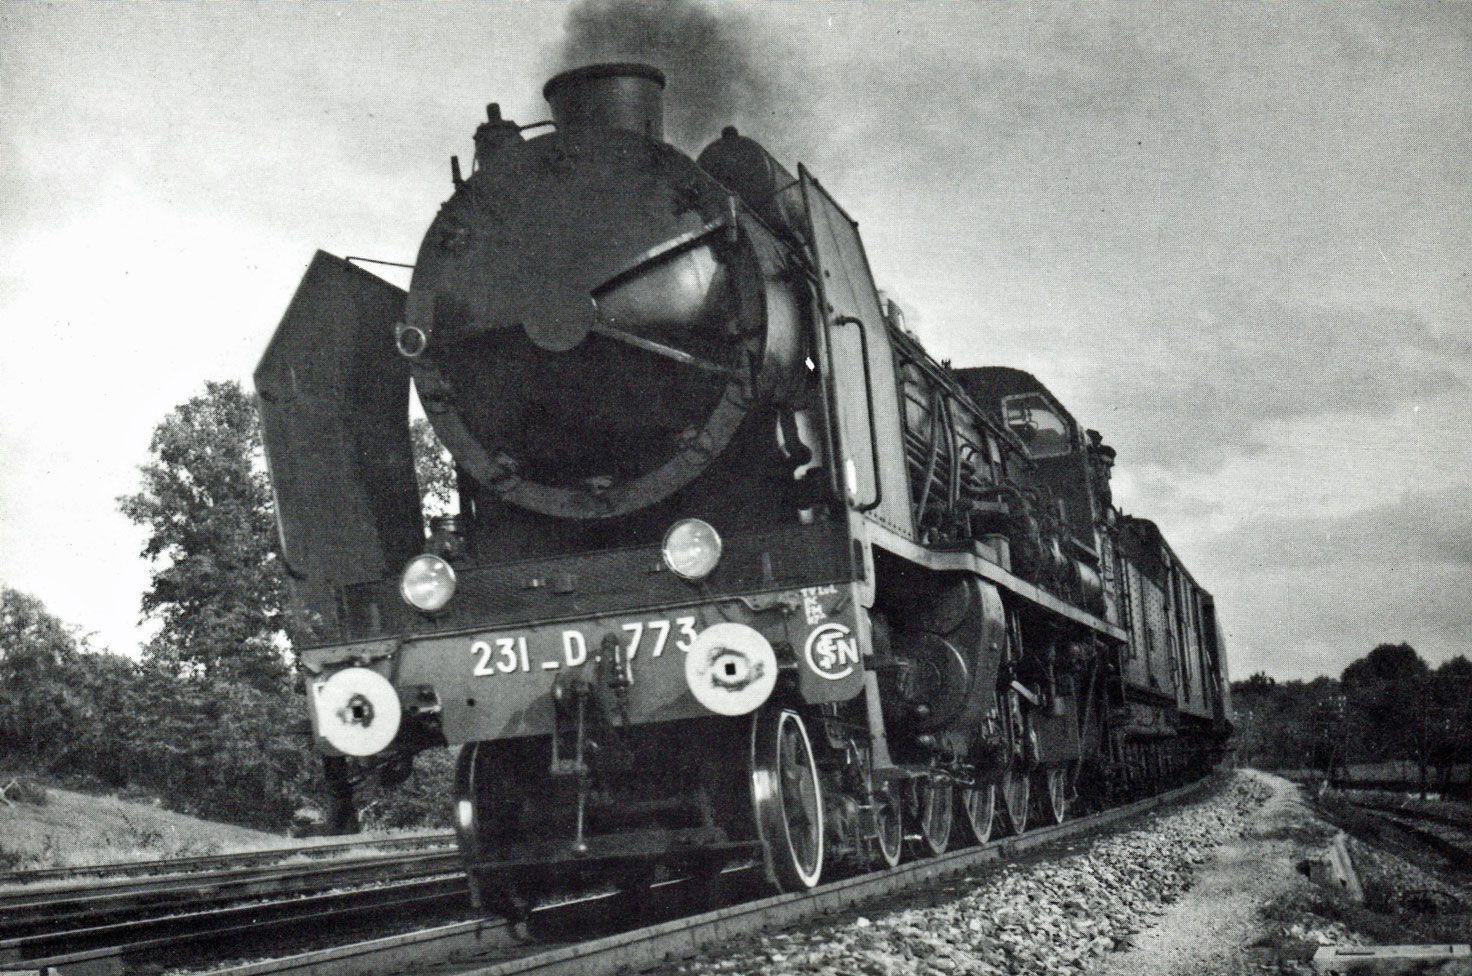 Vers 1955, la 231 D 773, en tête d'un train venant de Paris, amorce la descente vers Lisieux.